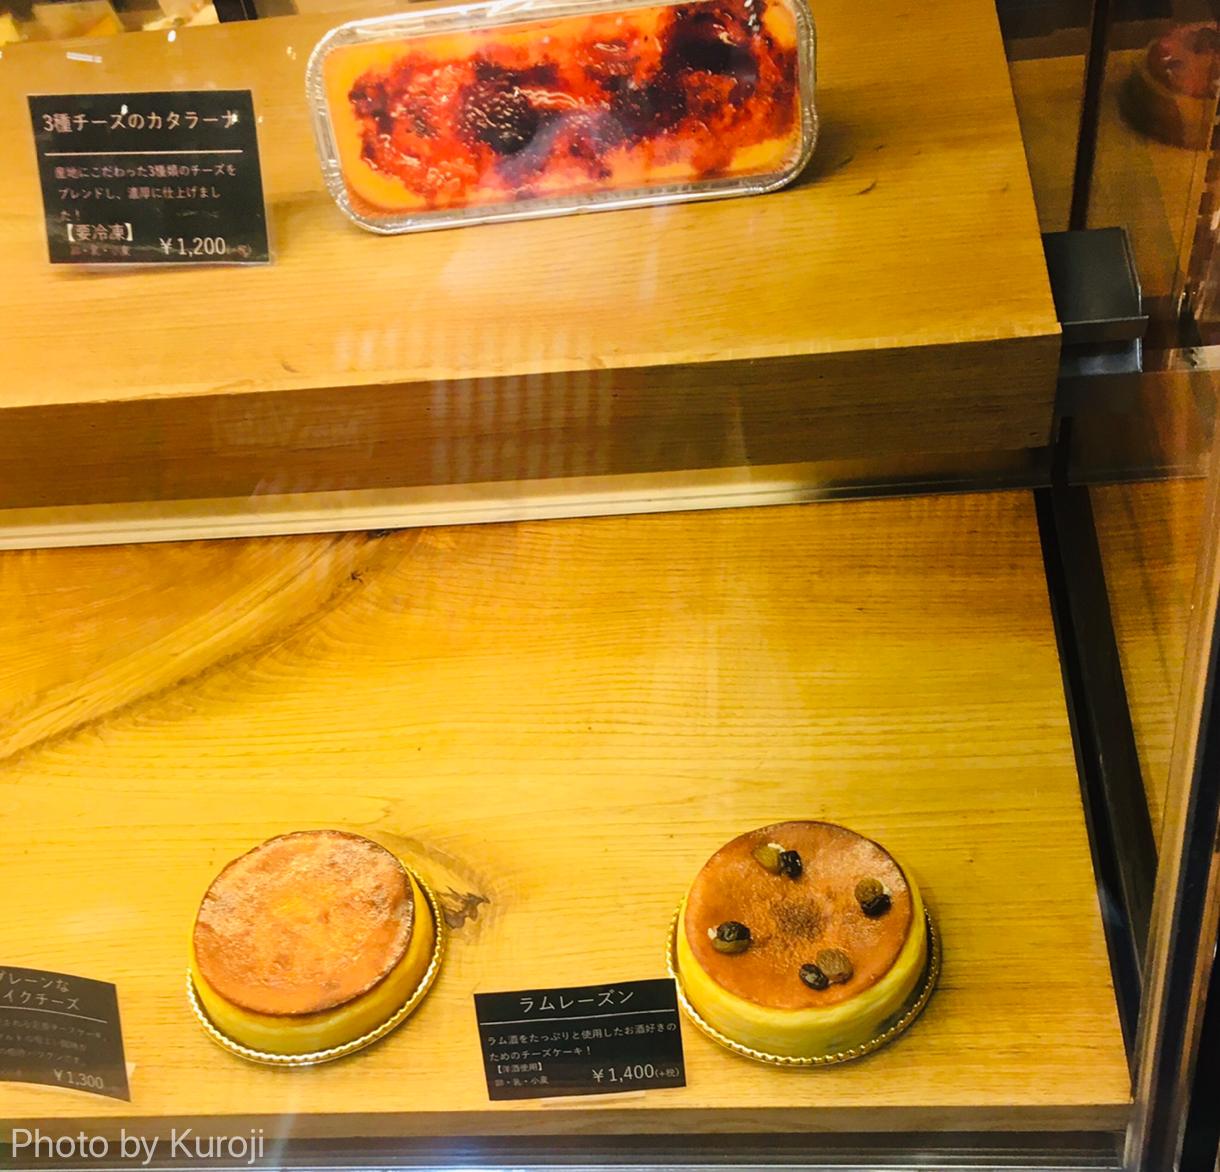 どるちぇ ど さんちょ 円山のチーズケーキ